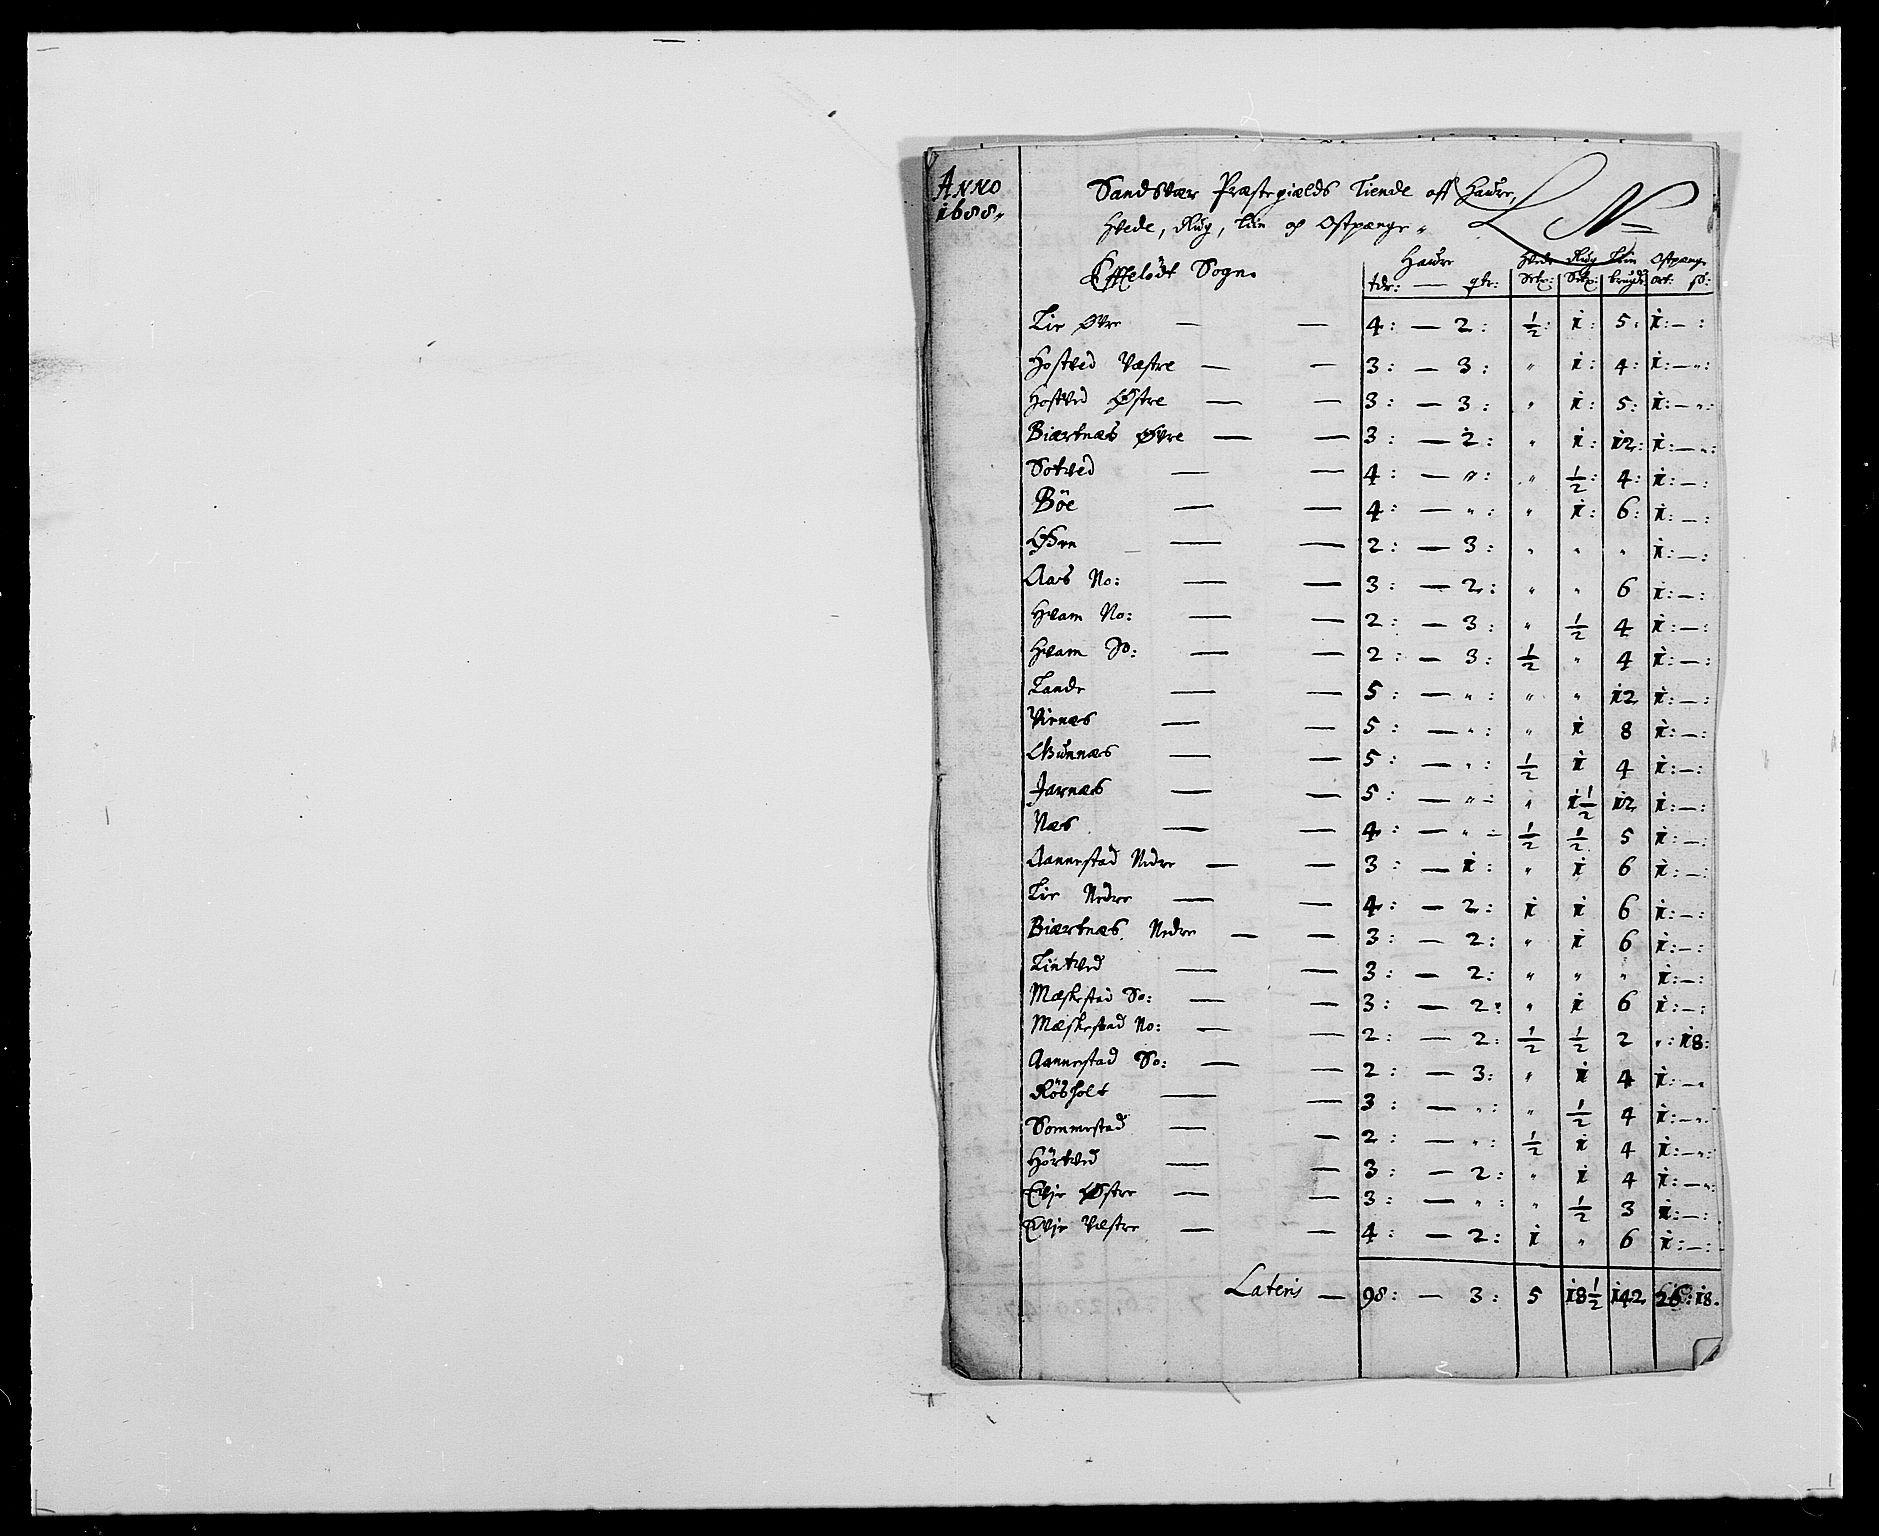 RA, Rentekammeret inntil 1814, Reviderte regnskaper, Fogderegnskap, R24/L1573: Fogderegnskap Numedal og Sandsvær, 1687-1691, s. 341